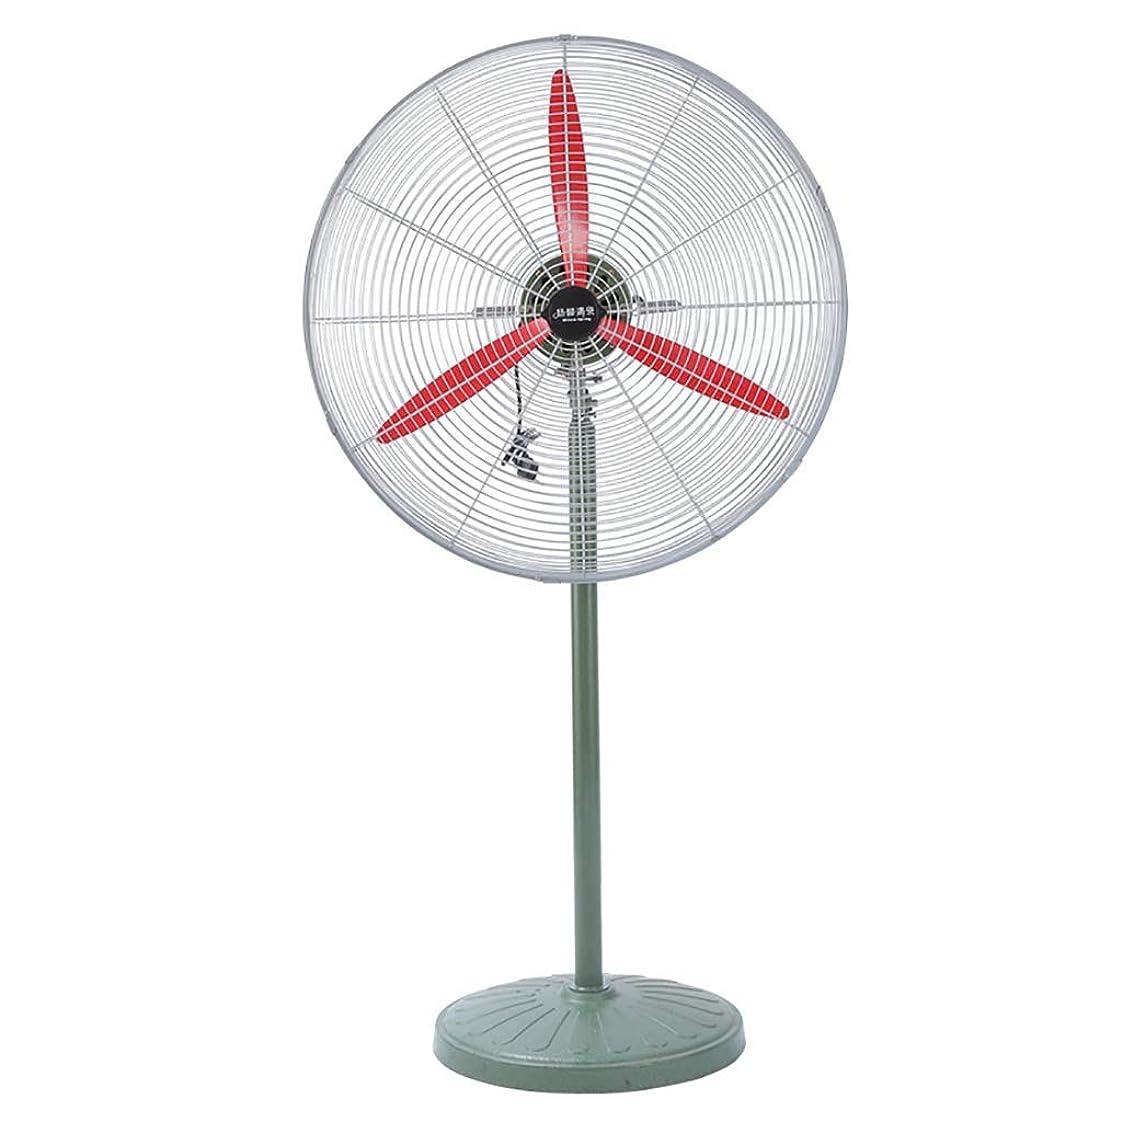 扇動馬鹿げたターゲット振動ファン、銅製台座付きファン、屋外産業用、商業用、住宅用、温室用、3次元